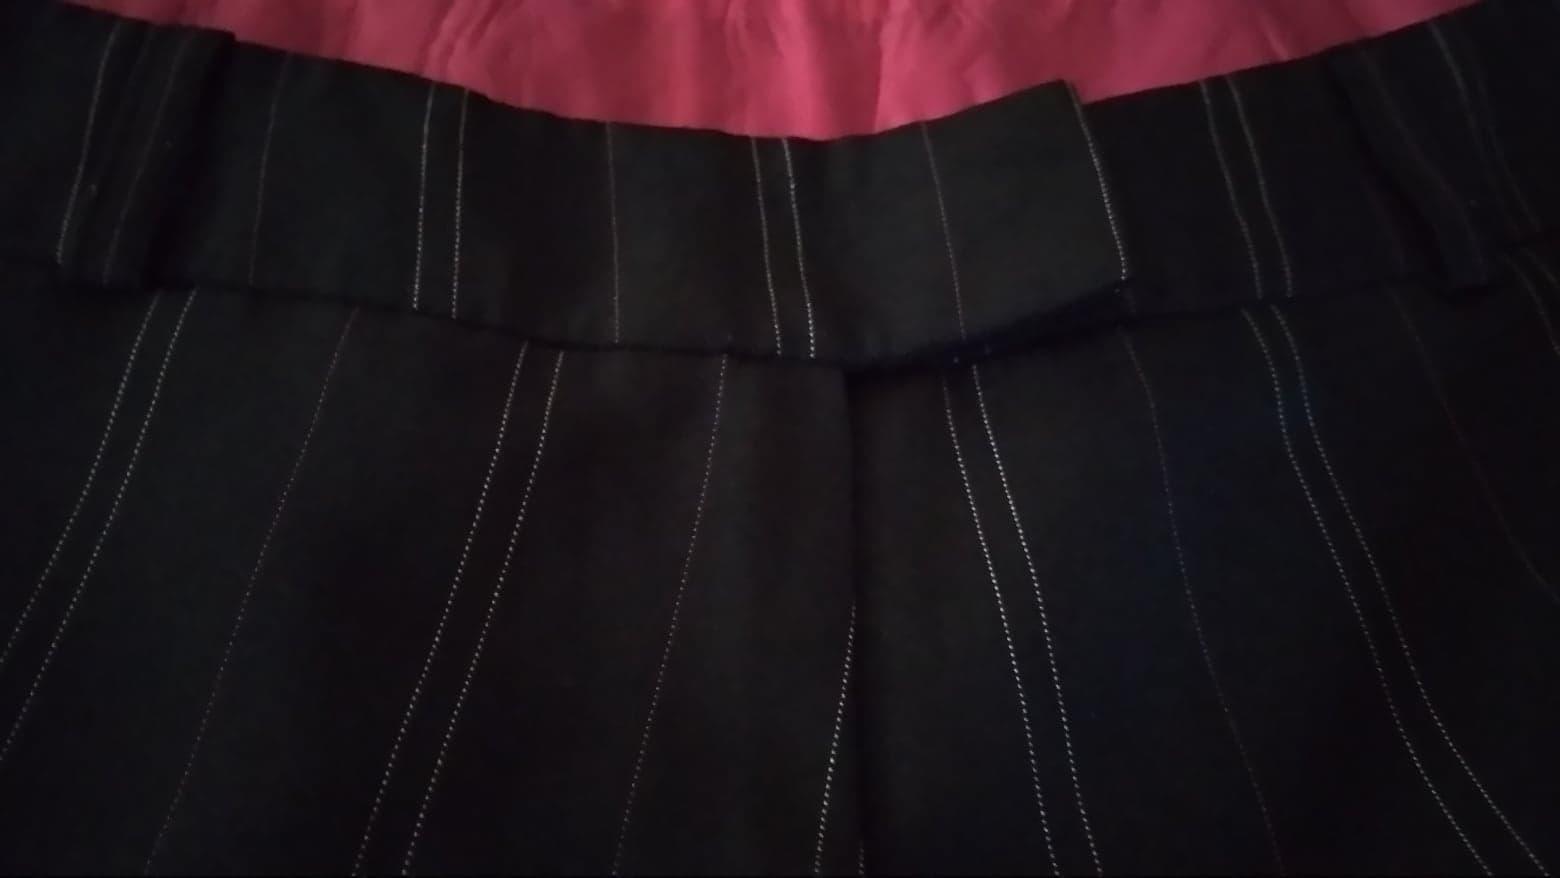 kostýmové nohavice Zn. amaranto - Obrázok č. 1